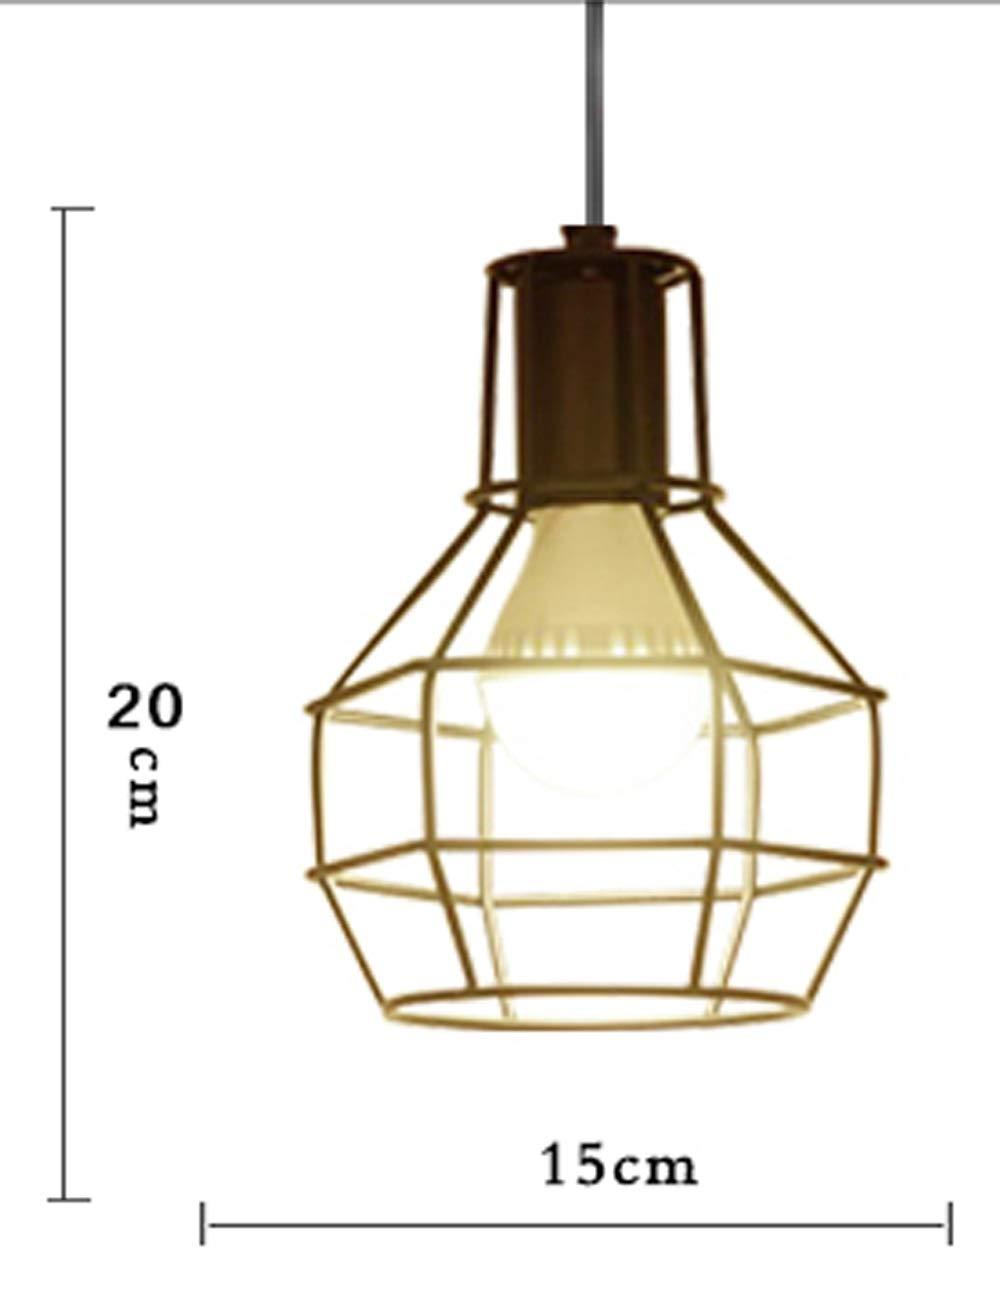 Color : Gold 7 Lumi/ères R/étro Style Industriel Escalier Long Lustre Moderm Complexe B/âtiment Appartement Salon Plafonnier Lampe En Pendentif En Fer Forg/é Lumi/ère Spirale Escalier Lustre 40x200cm